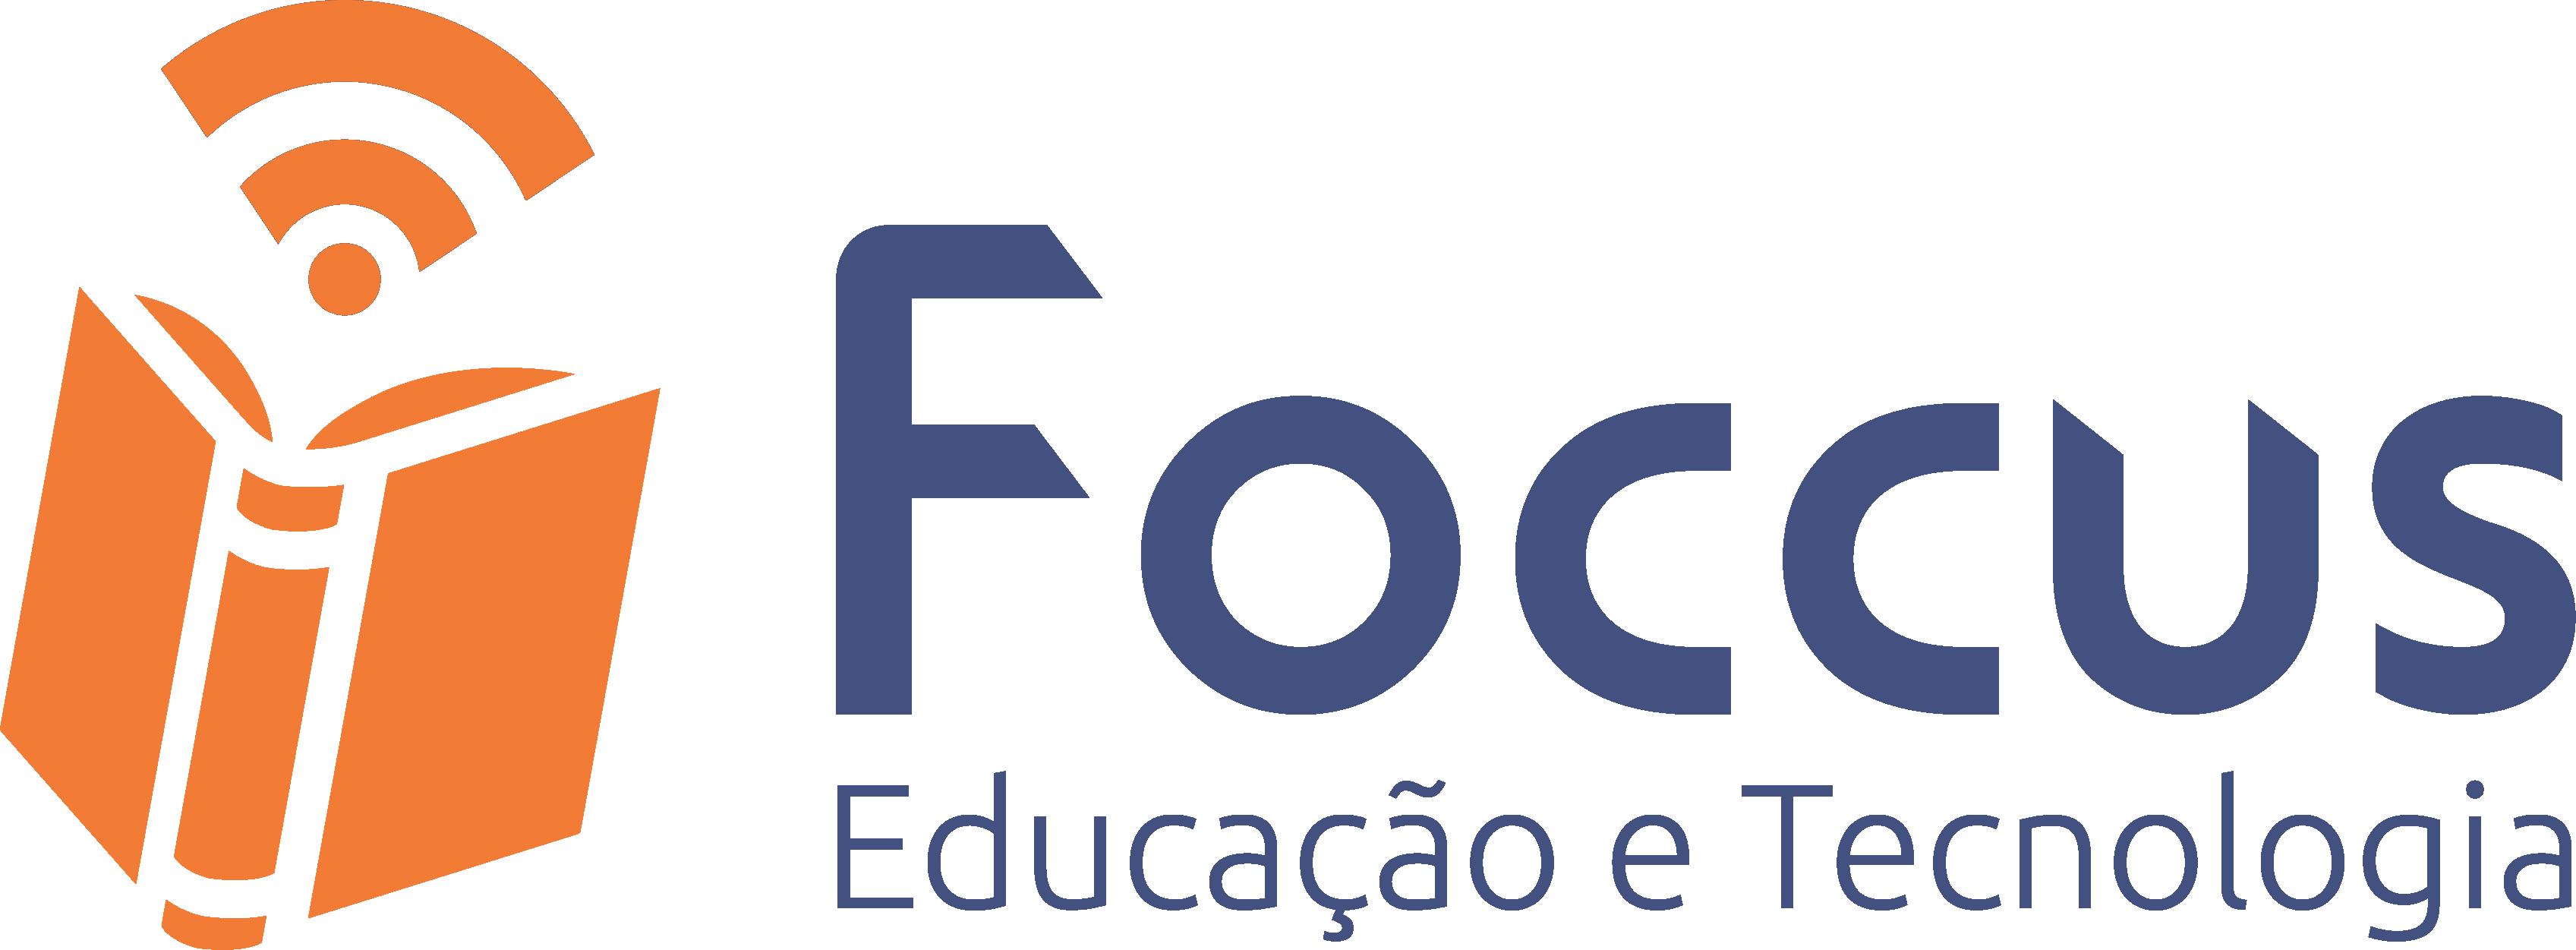 Foccus Educação e Tecnologia